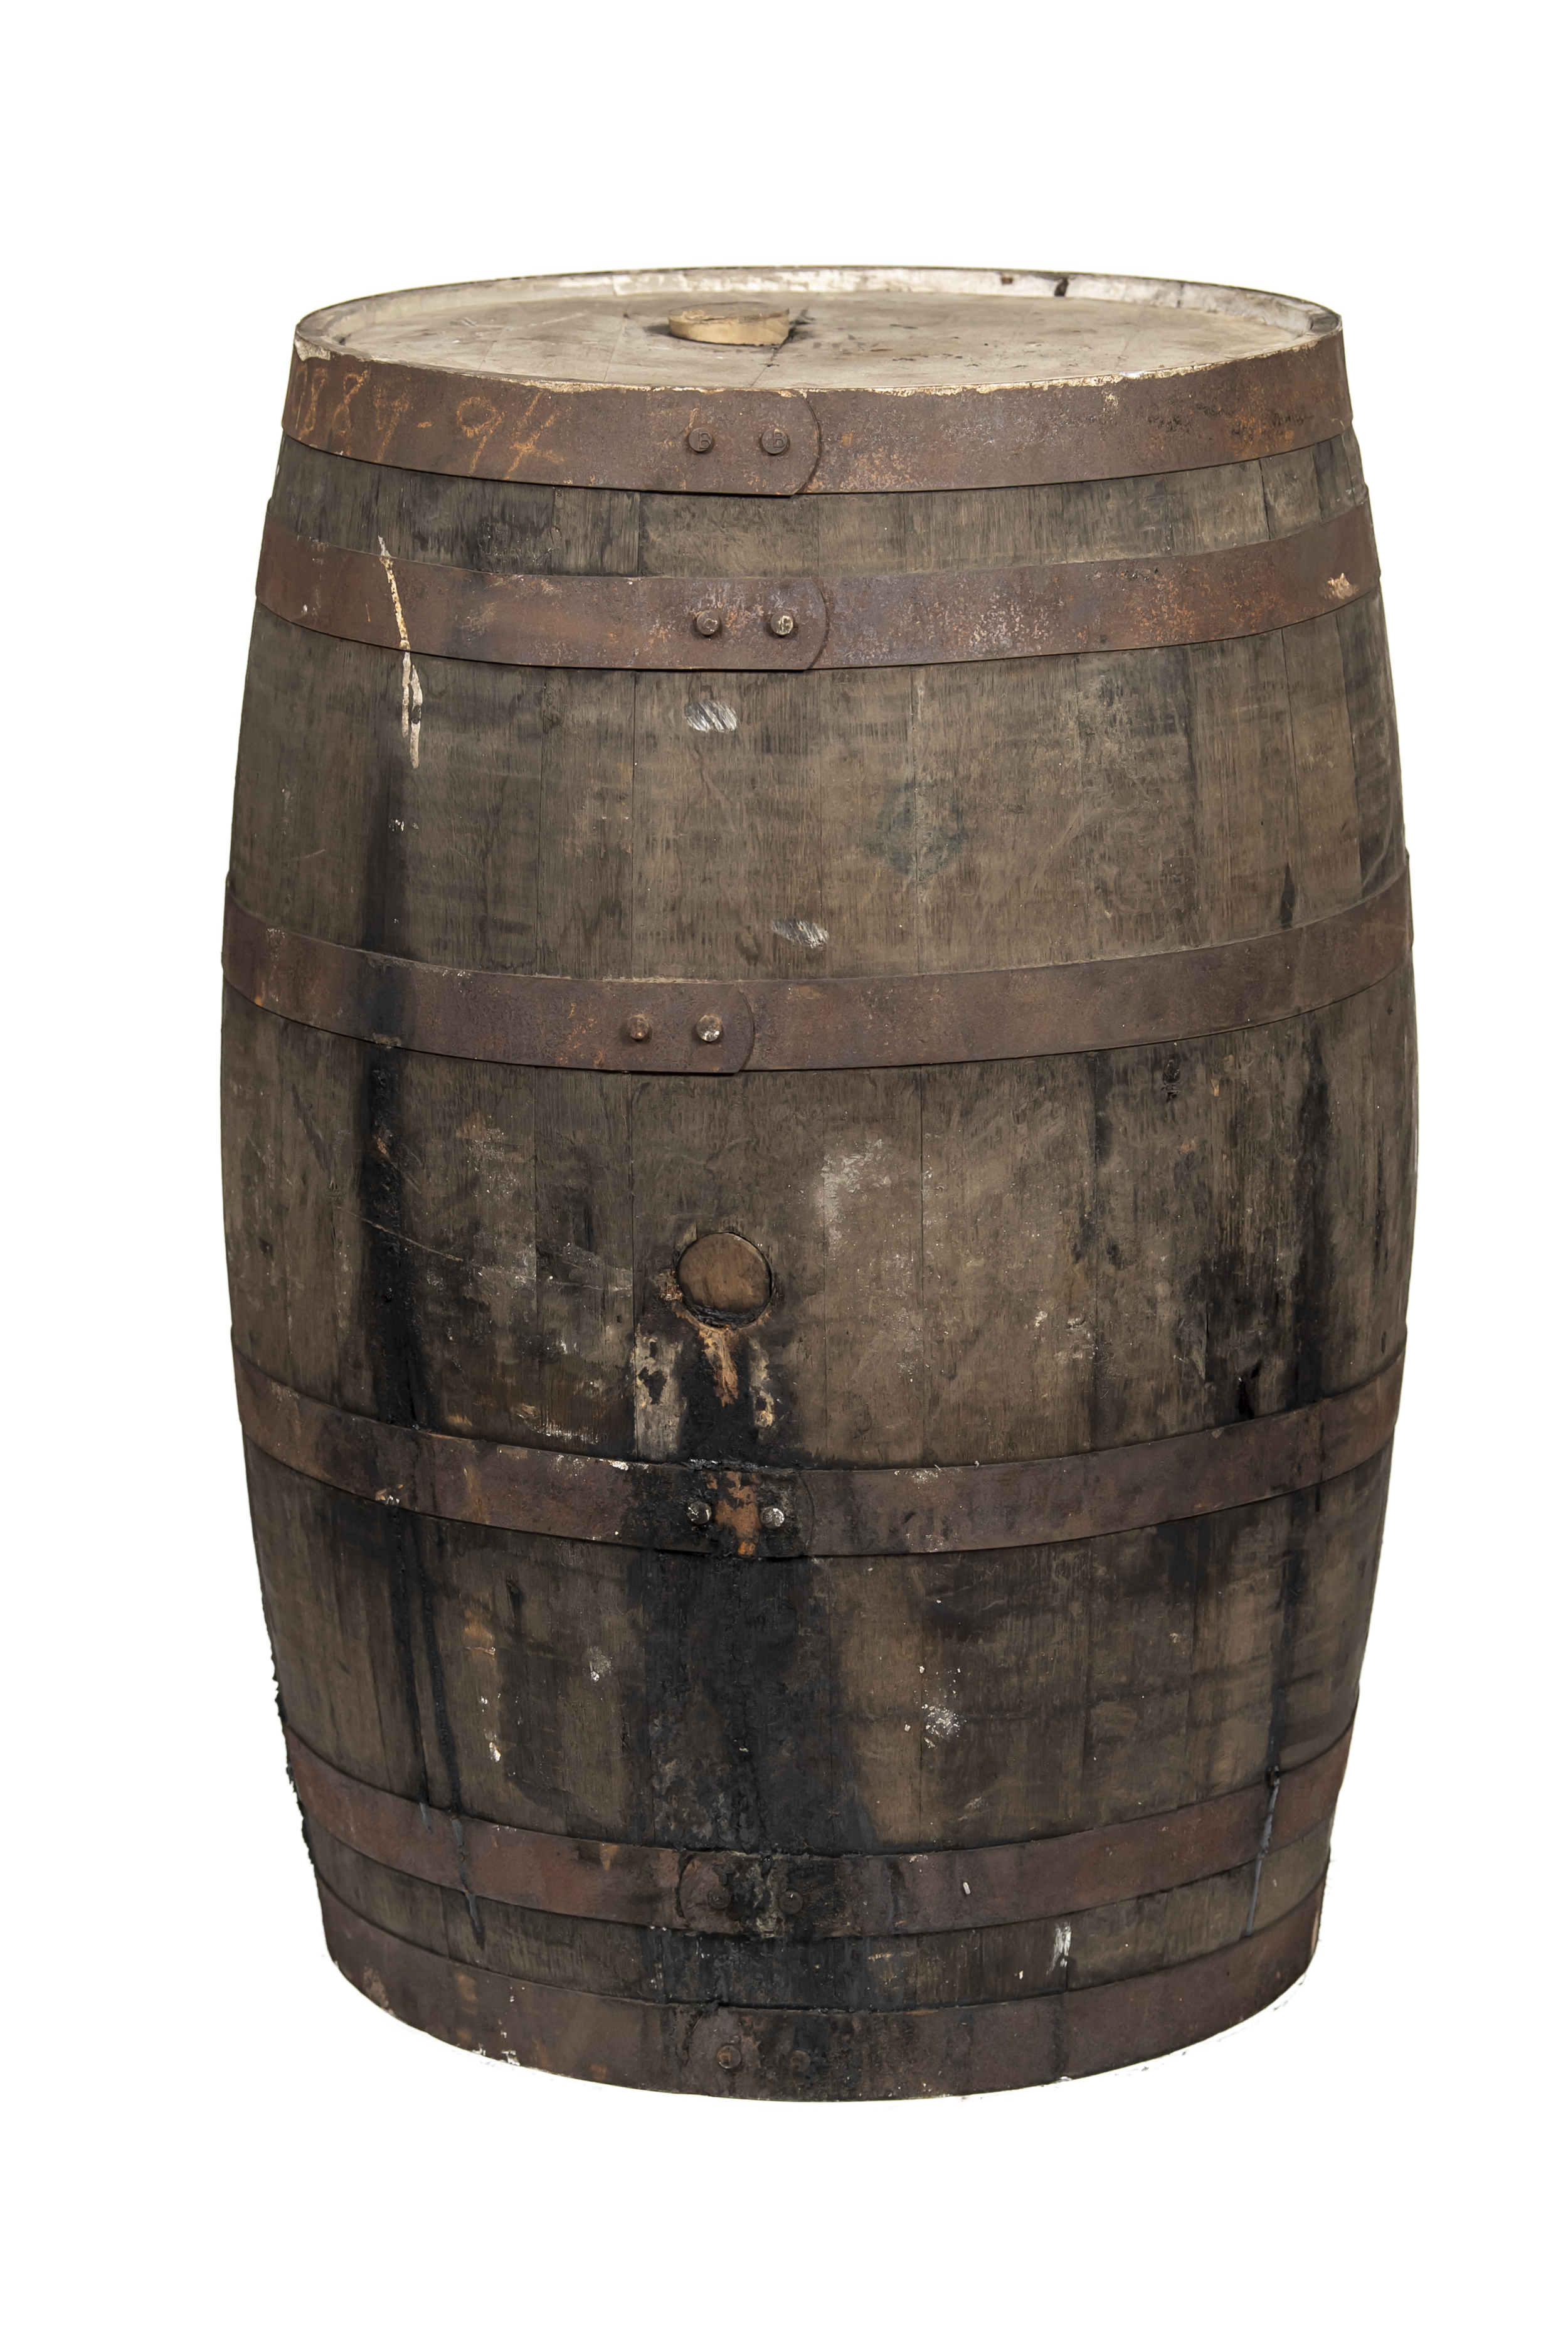 190218-ne-barrel-07.png